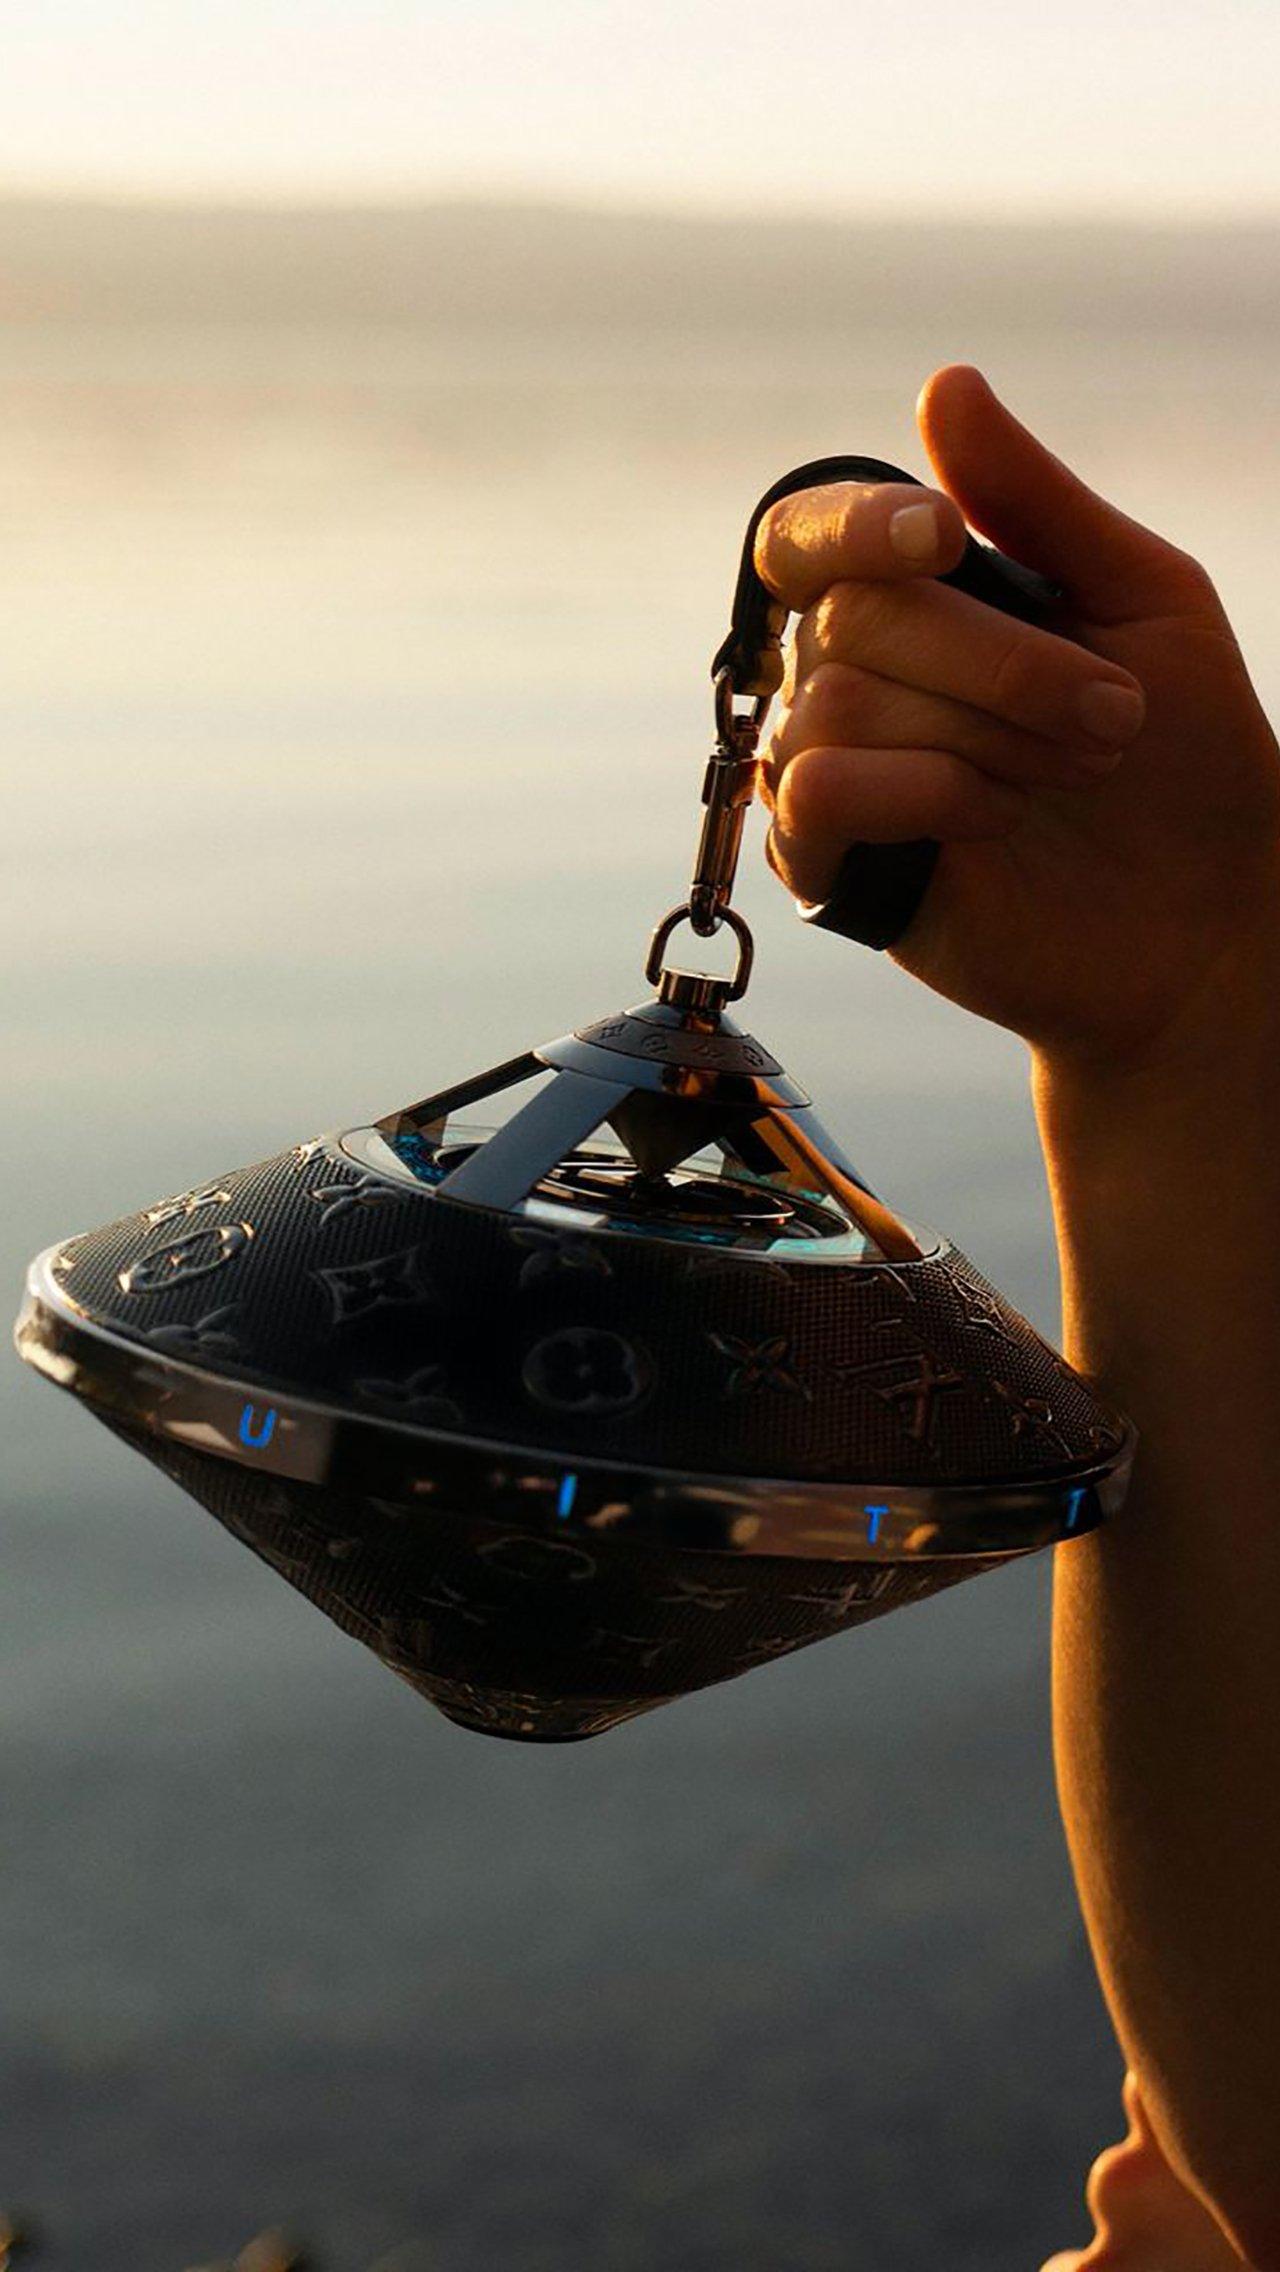 Колонка Louis Vuitton за 215 тысяч рублей выглядит как оружие из BioShock